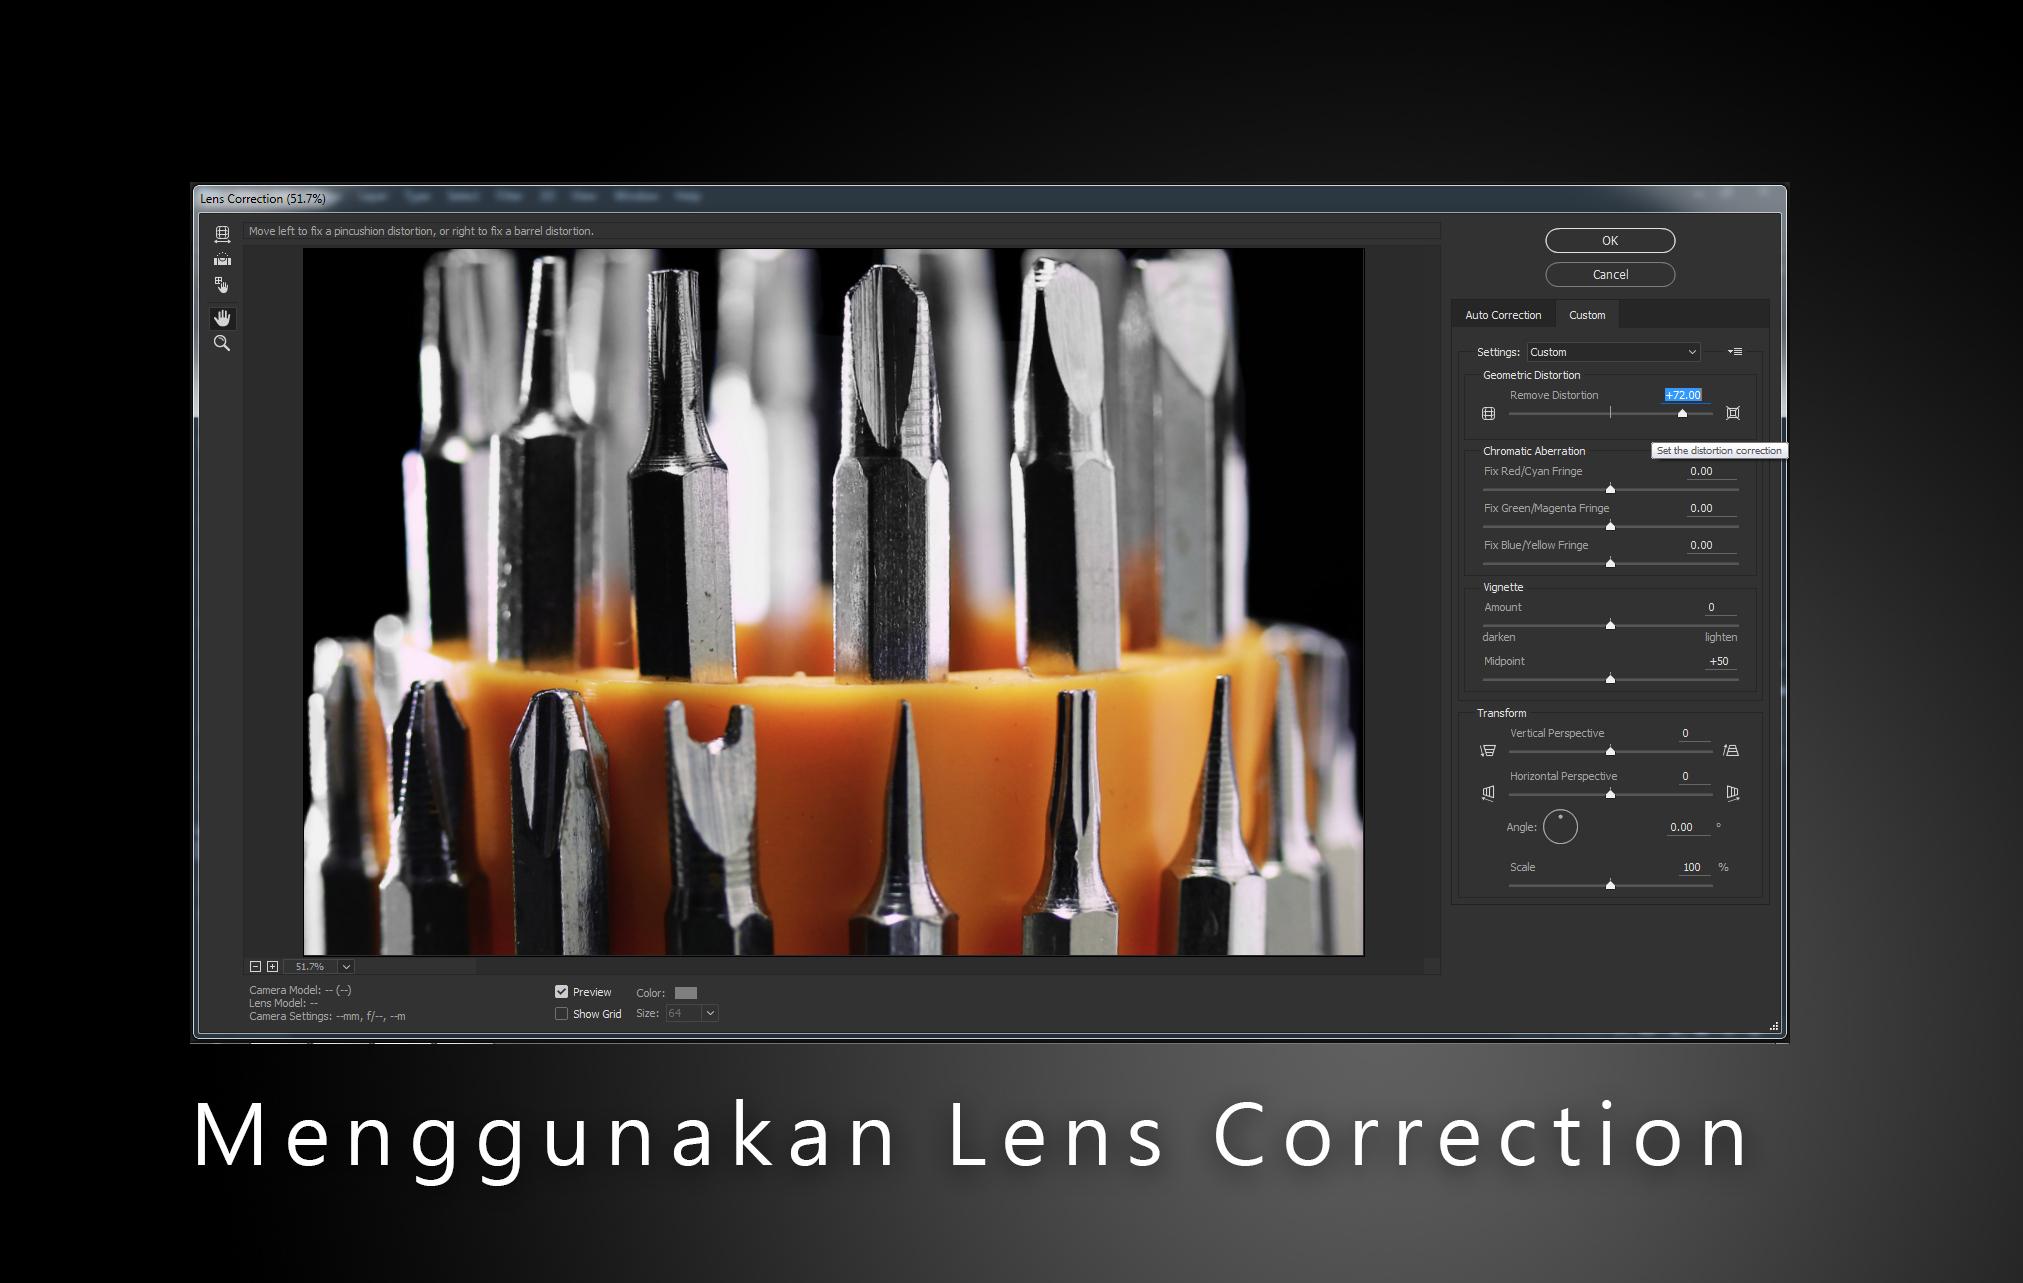 Menggunakan Lens Correction